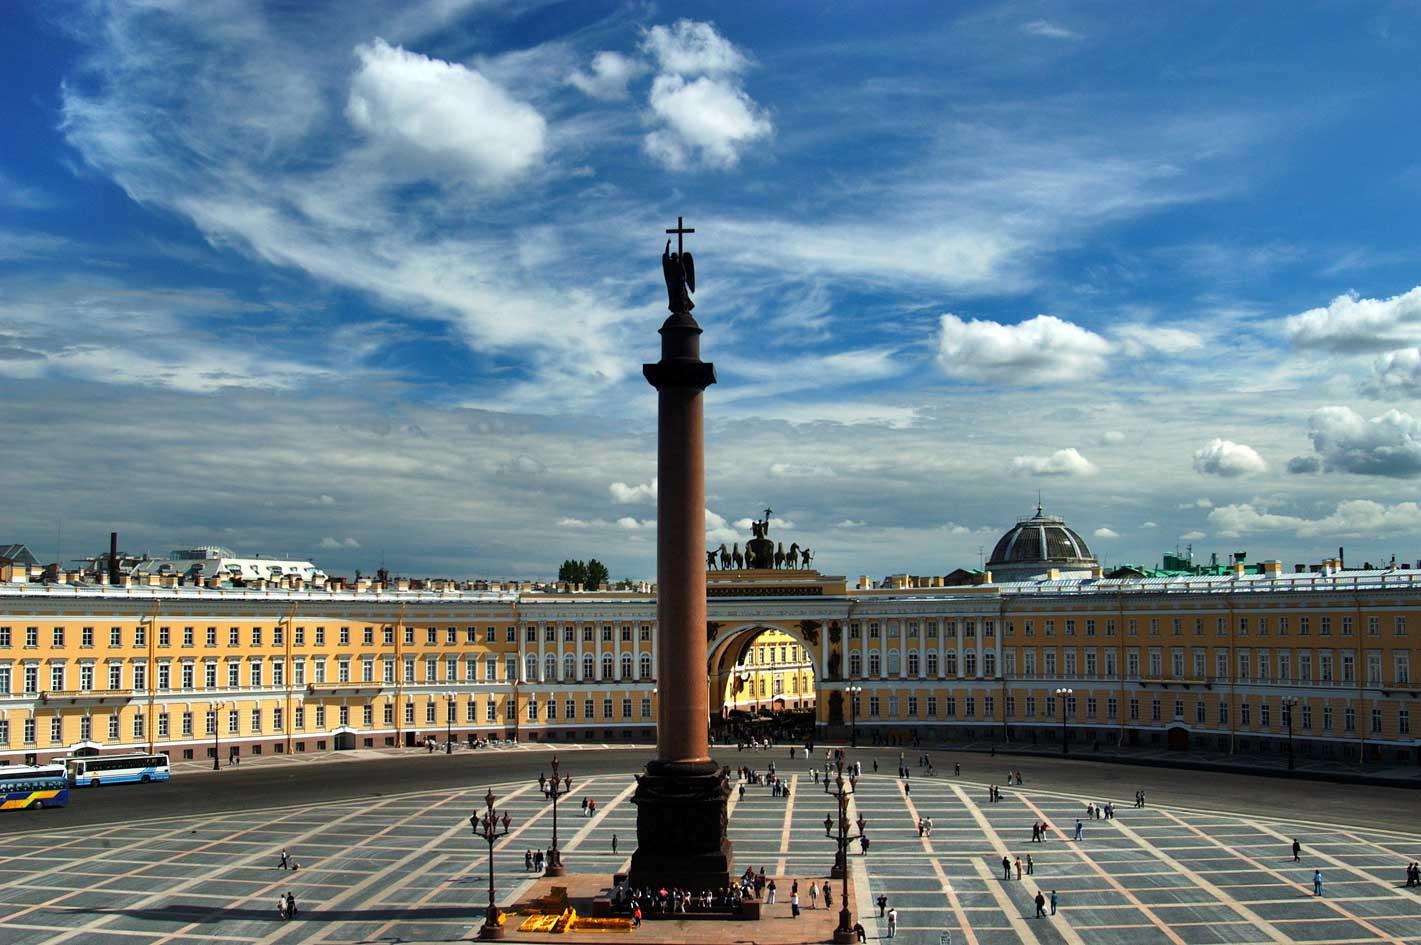 Доброго вечера, картинки александровская колонна в санкт-петербурге